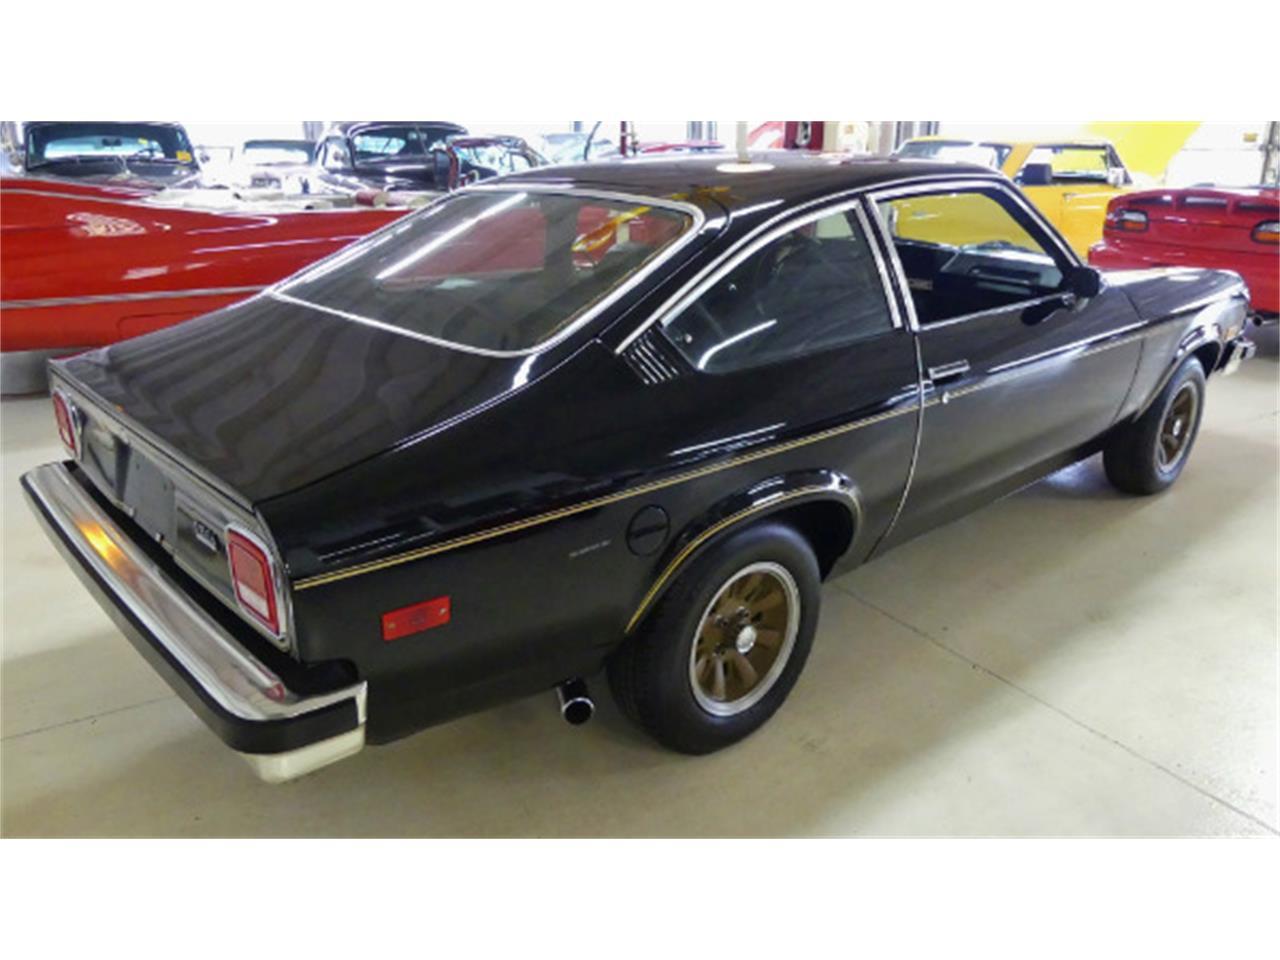 Large Picture of 1975 Chevrolet Vega located in Columbus Ohio - $15,995.00 - L2U8